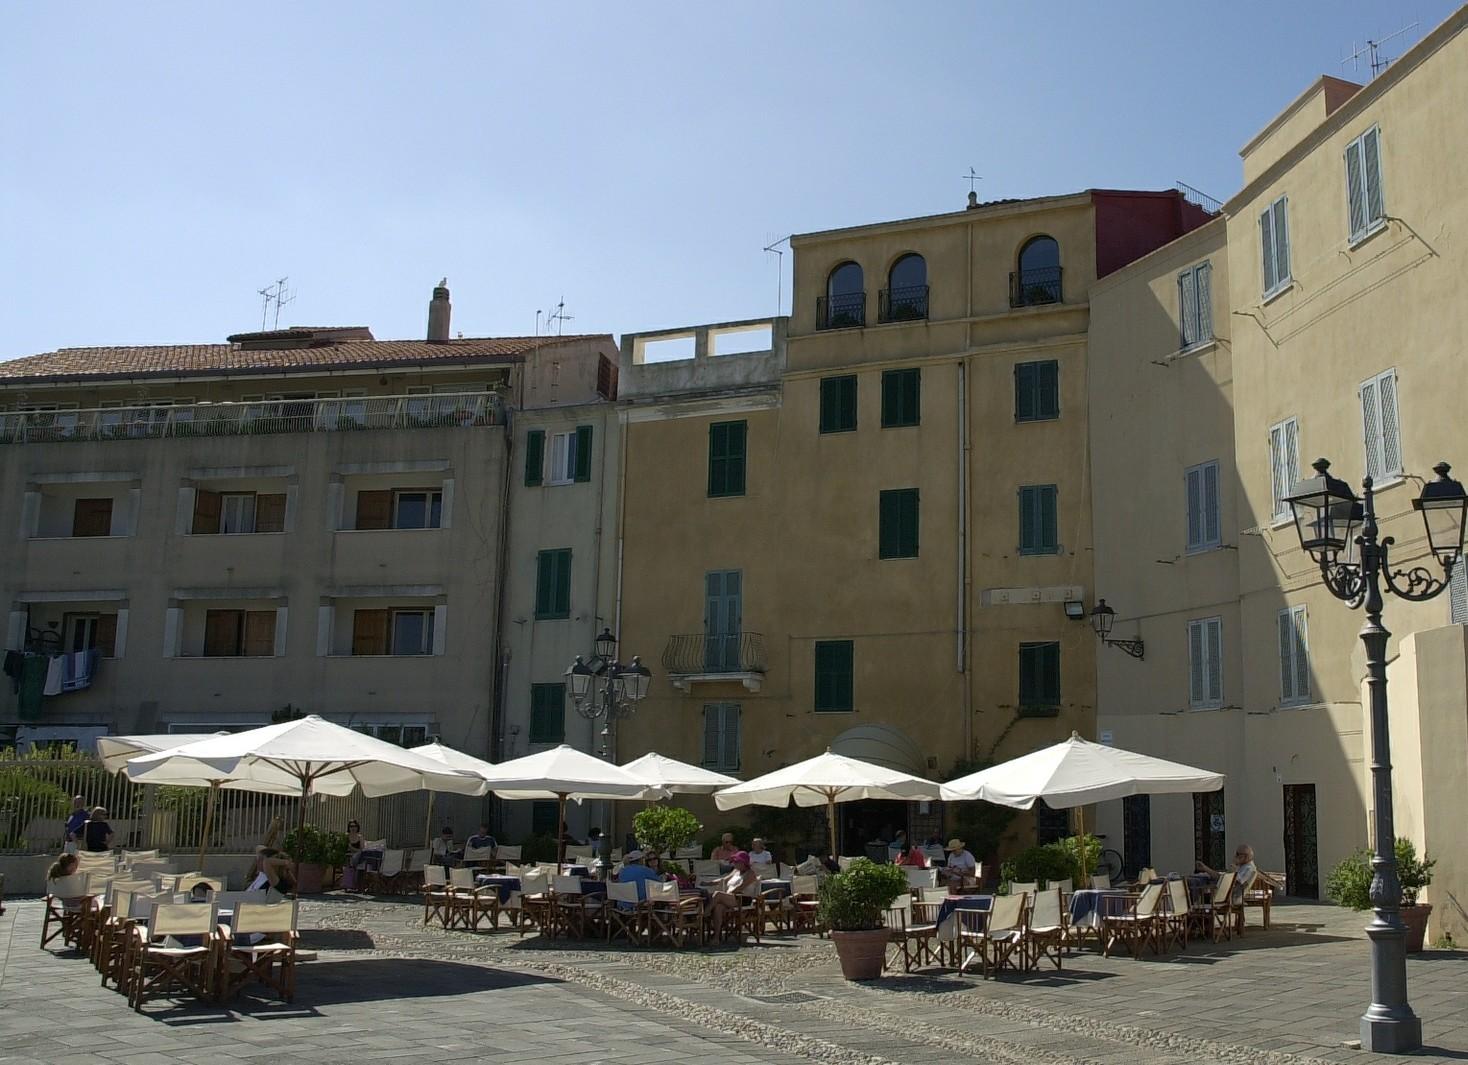 Mediterrània gli Eventi del 2016 ad Alghero per il mese di Maggio. Alghero centro storico.